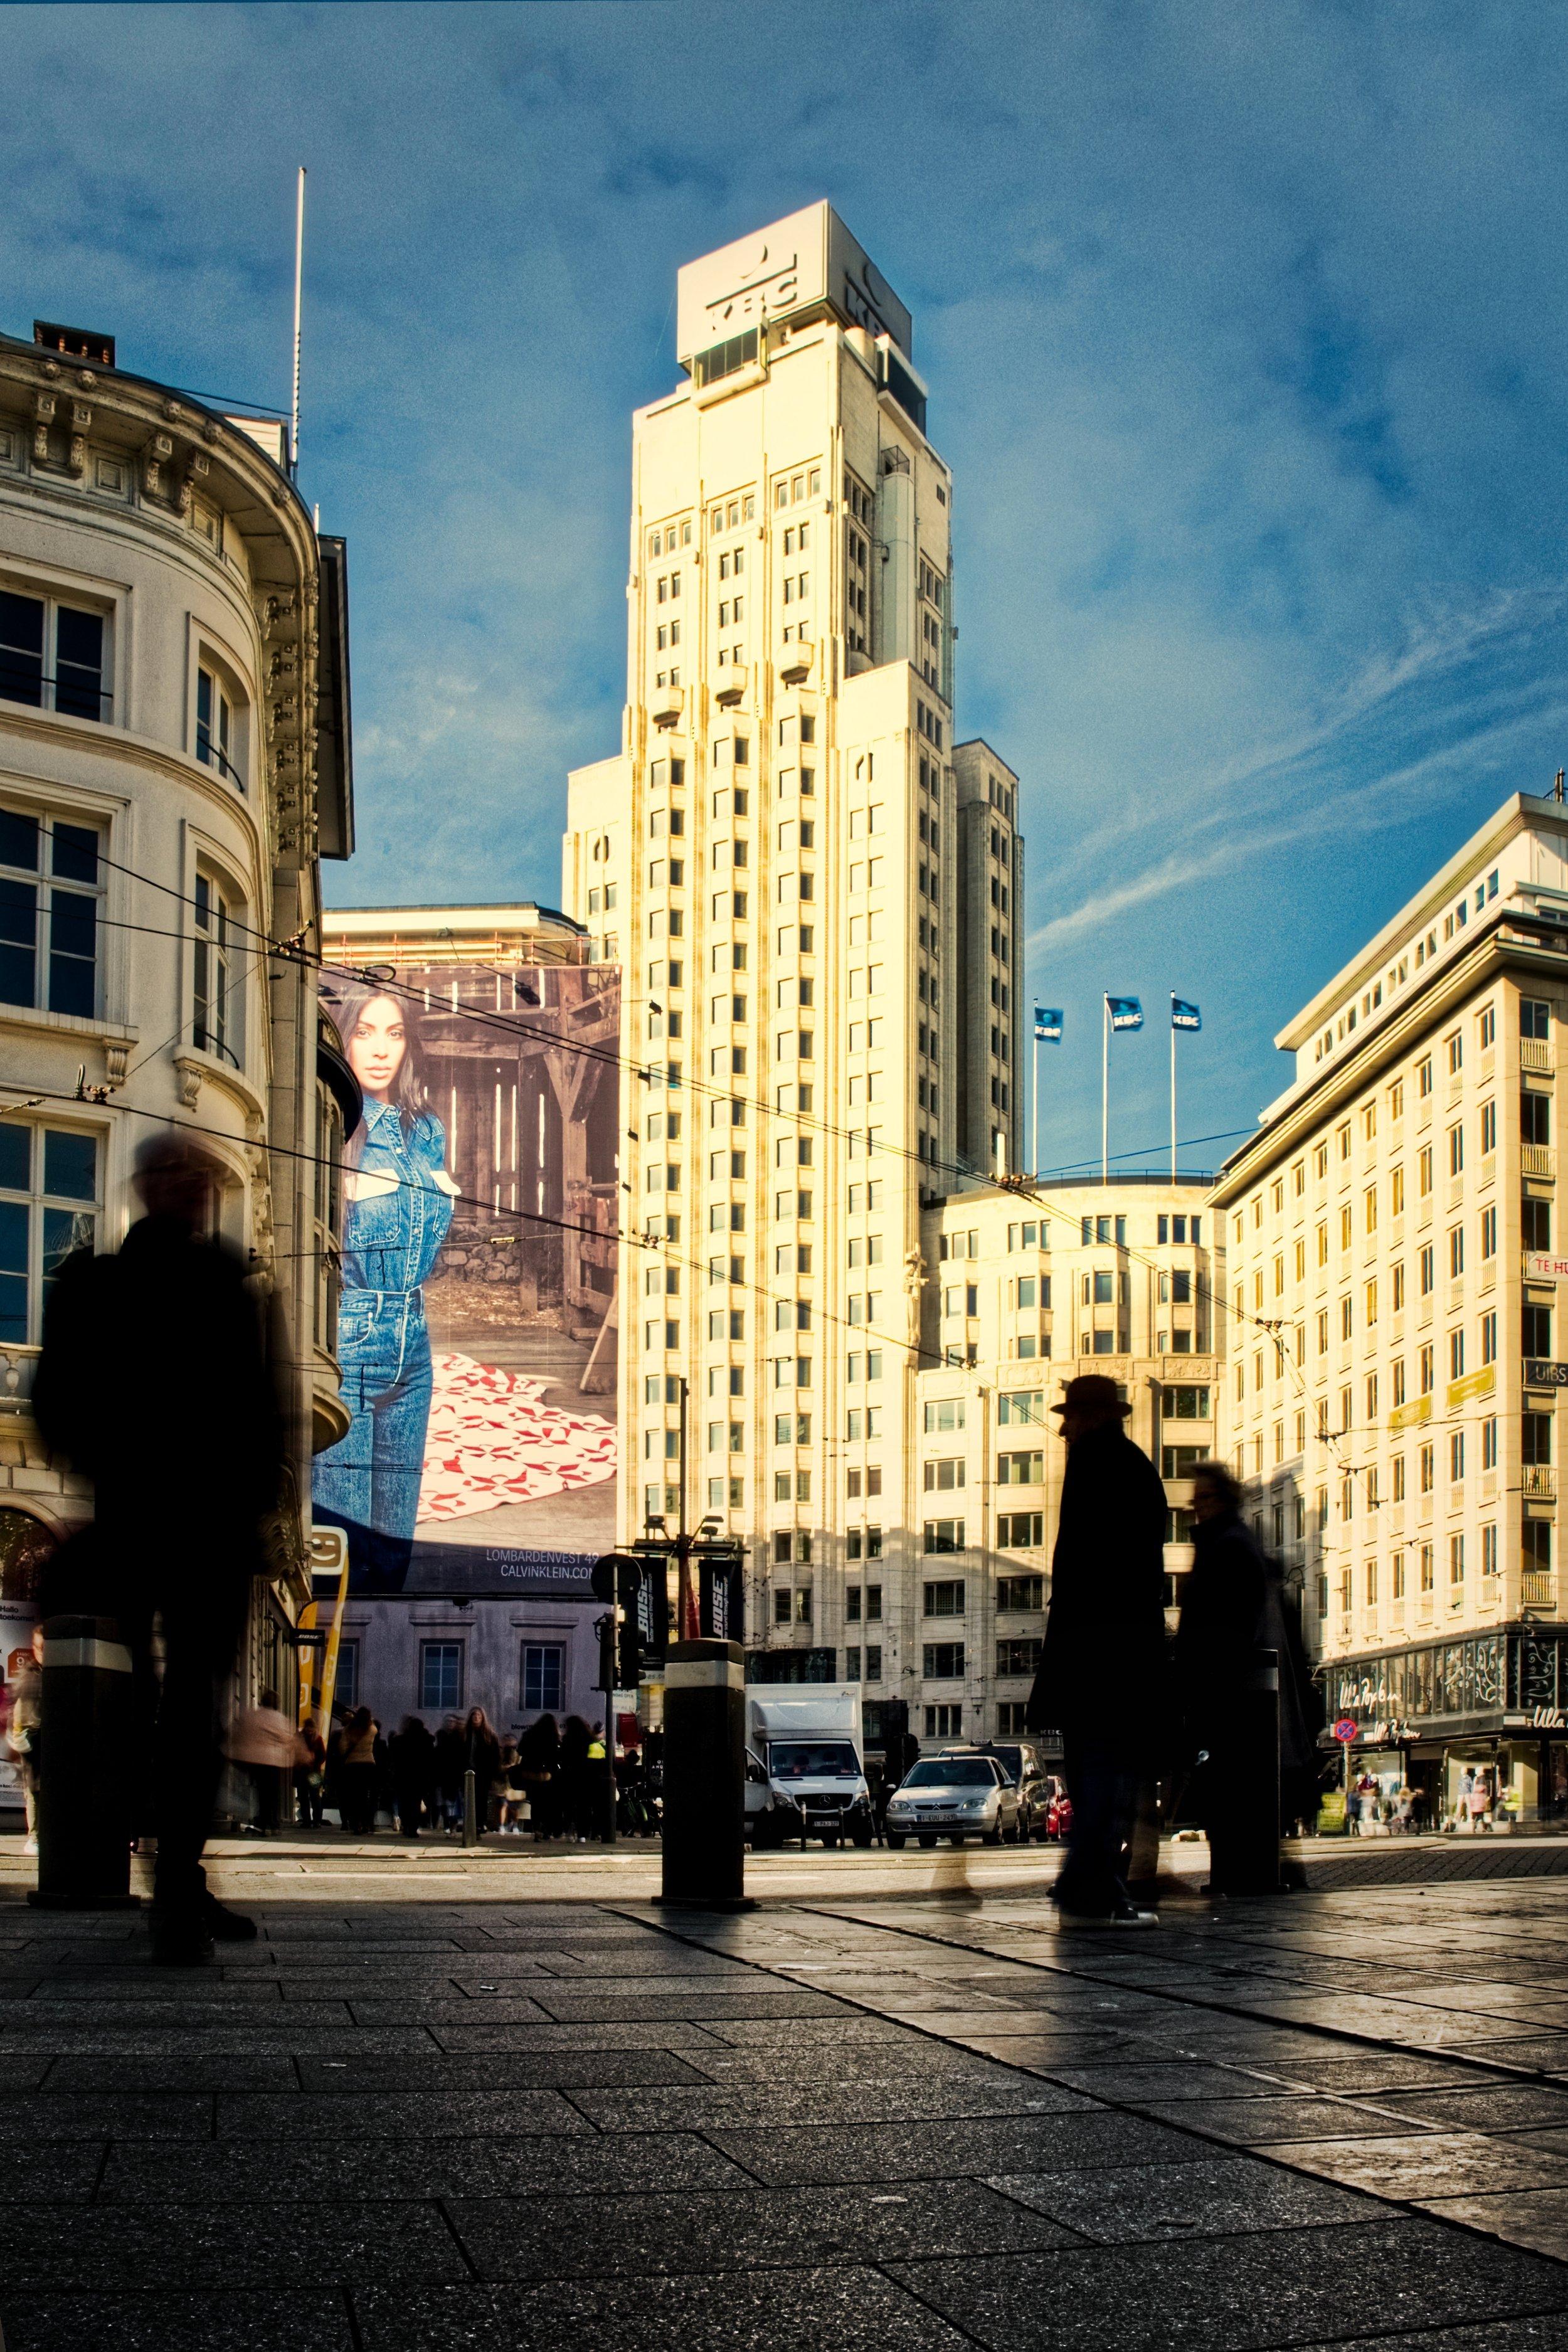 Antwerpen Straat.jpg